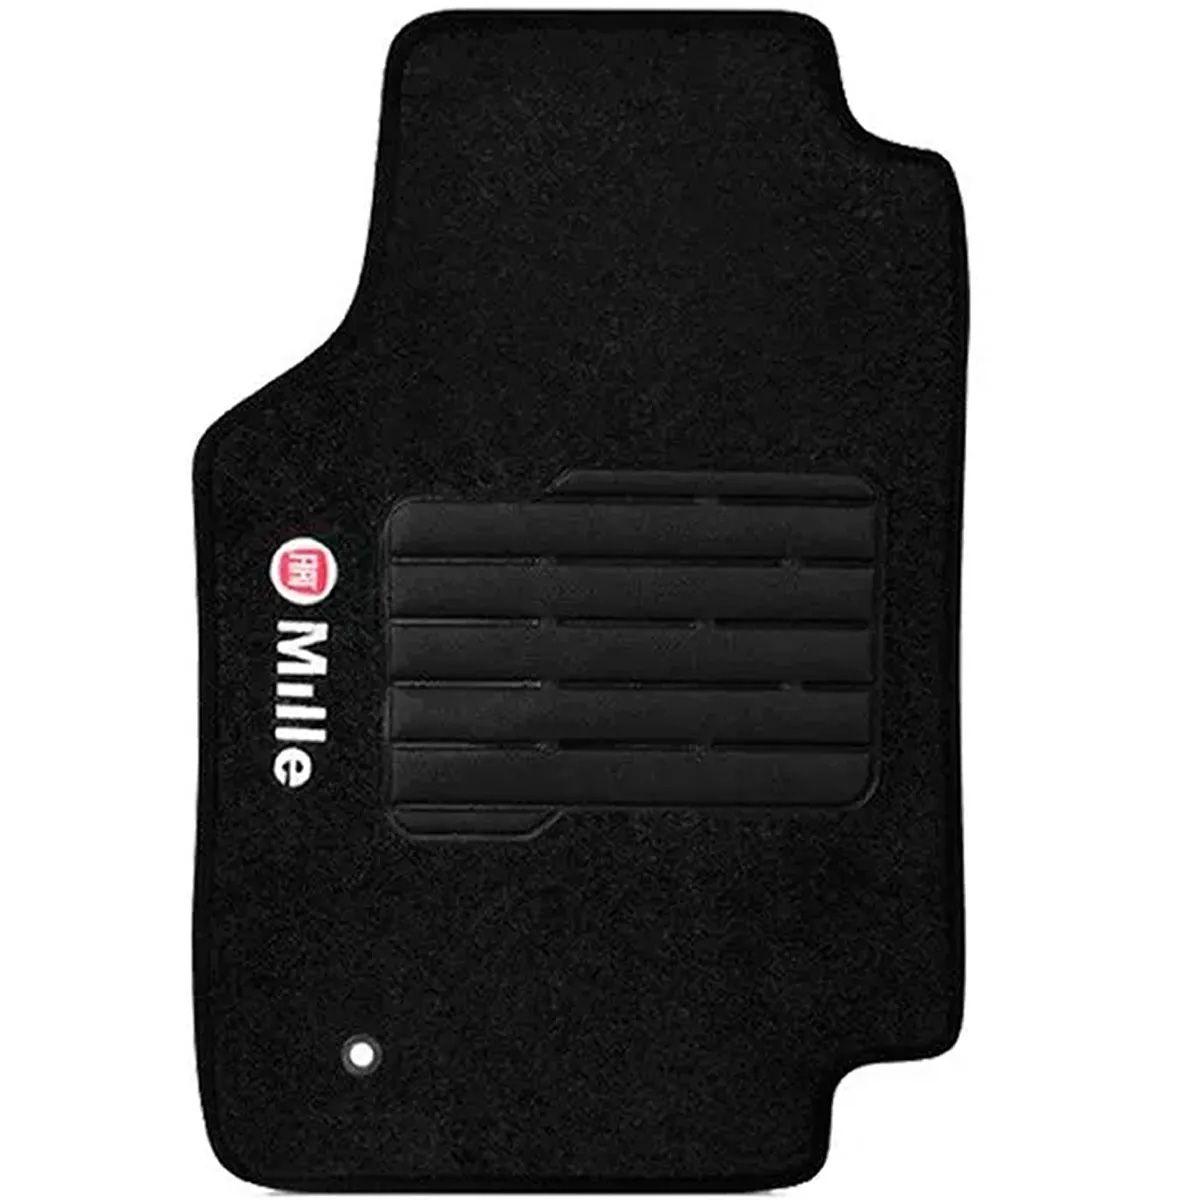 Jogo de Tapete Carpete Fiat Uno Automotivo Preto Bordado Logo Vermelha Personalizado